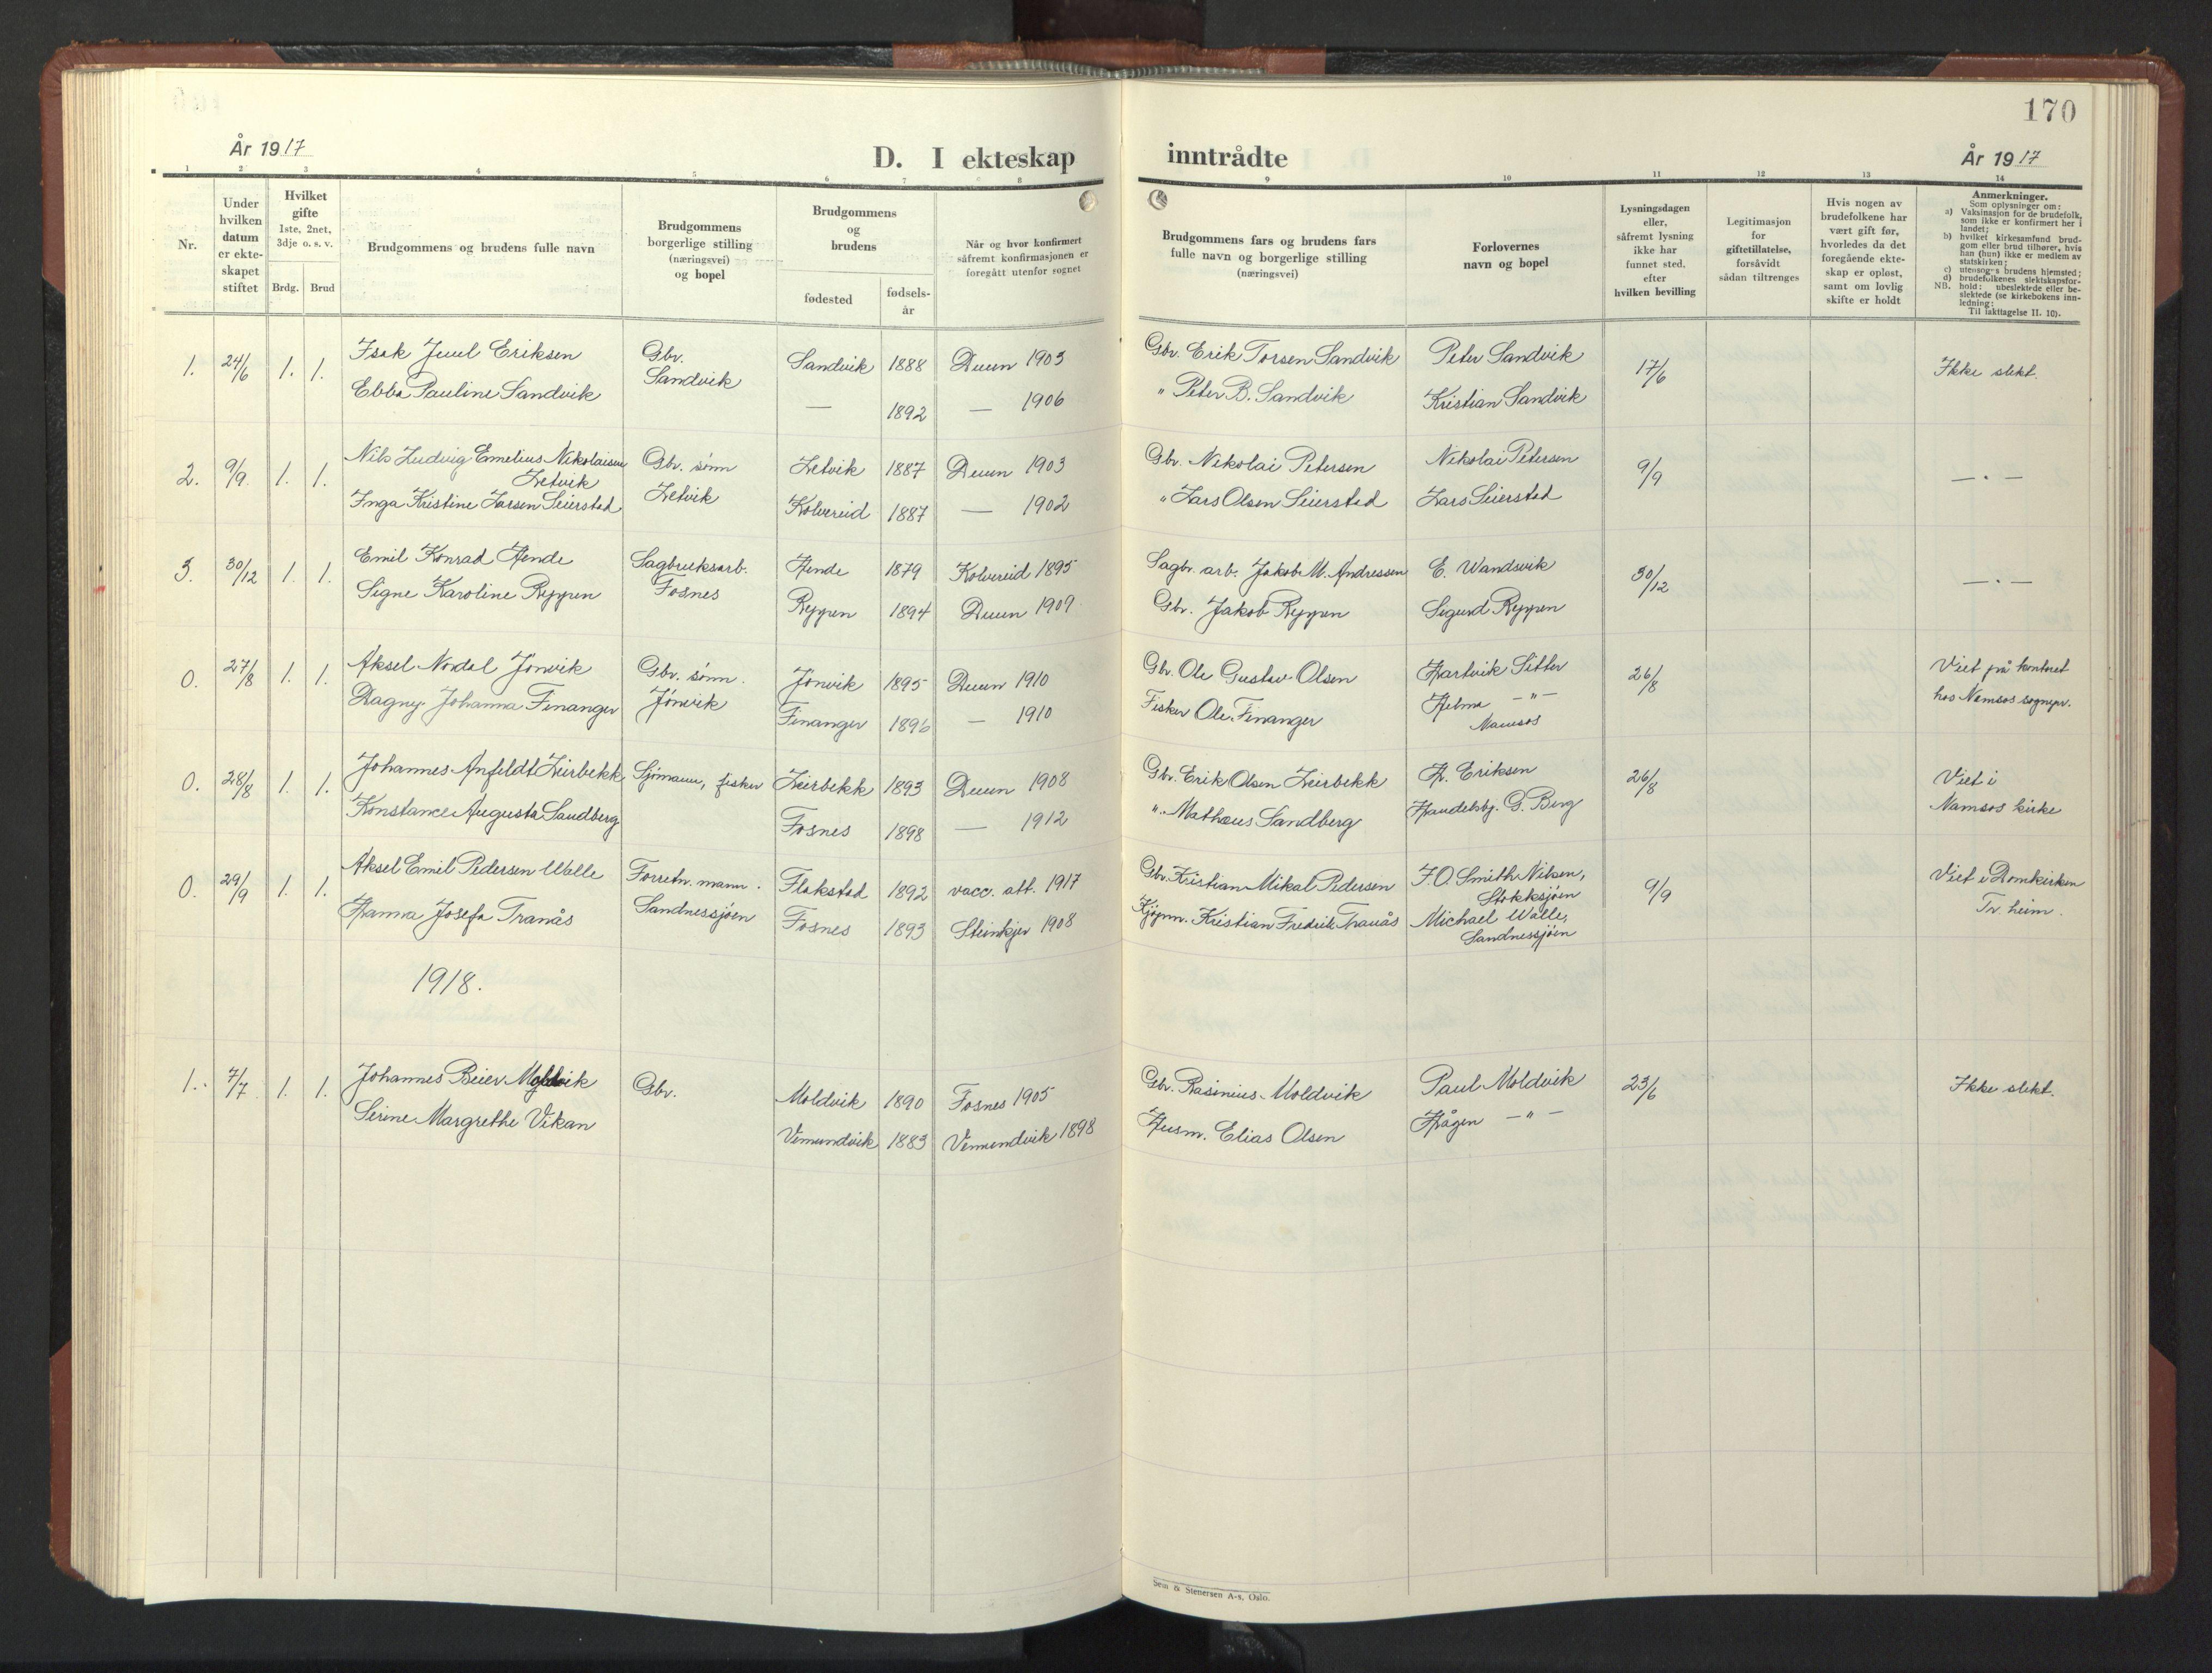 SAT, Ministerialprotokoller, klokkerbøker og fødselsregistre - Nord-Trøndelag, 773/L0625: Klokkerbok nr. 773C01, 1910-1952, s. 170